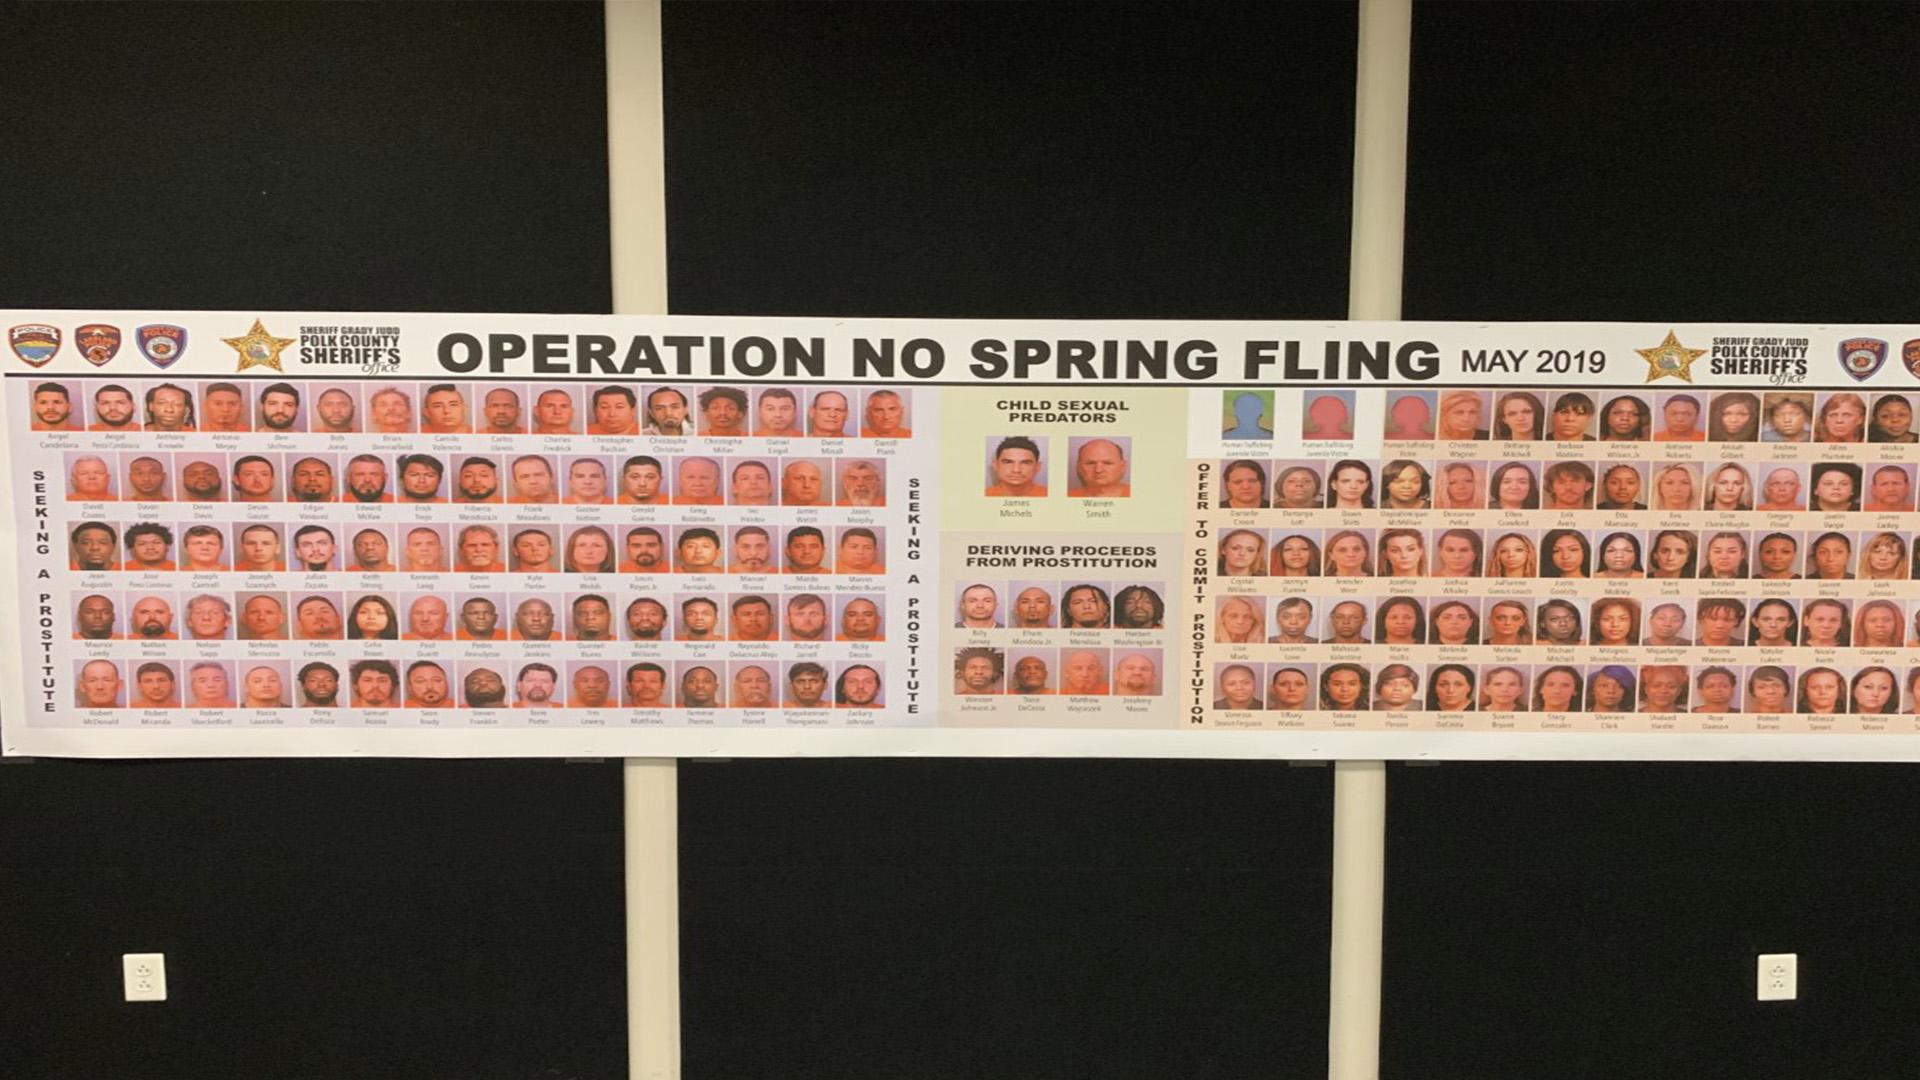 OperationSpring Fling _1558448515550.jpg.jpg